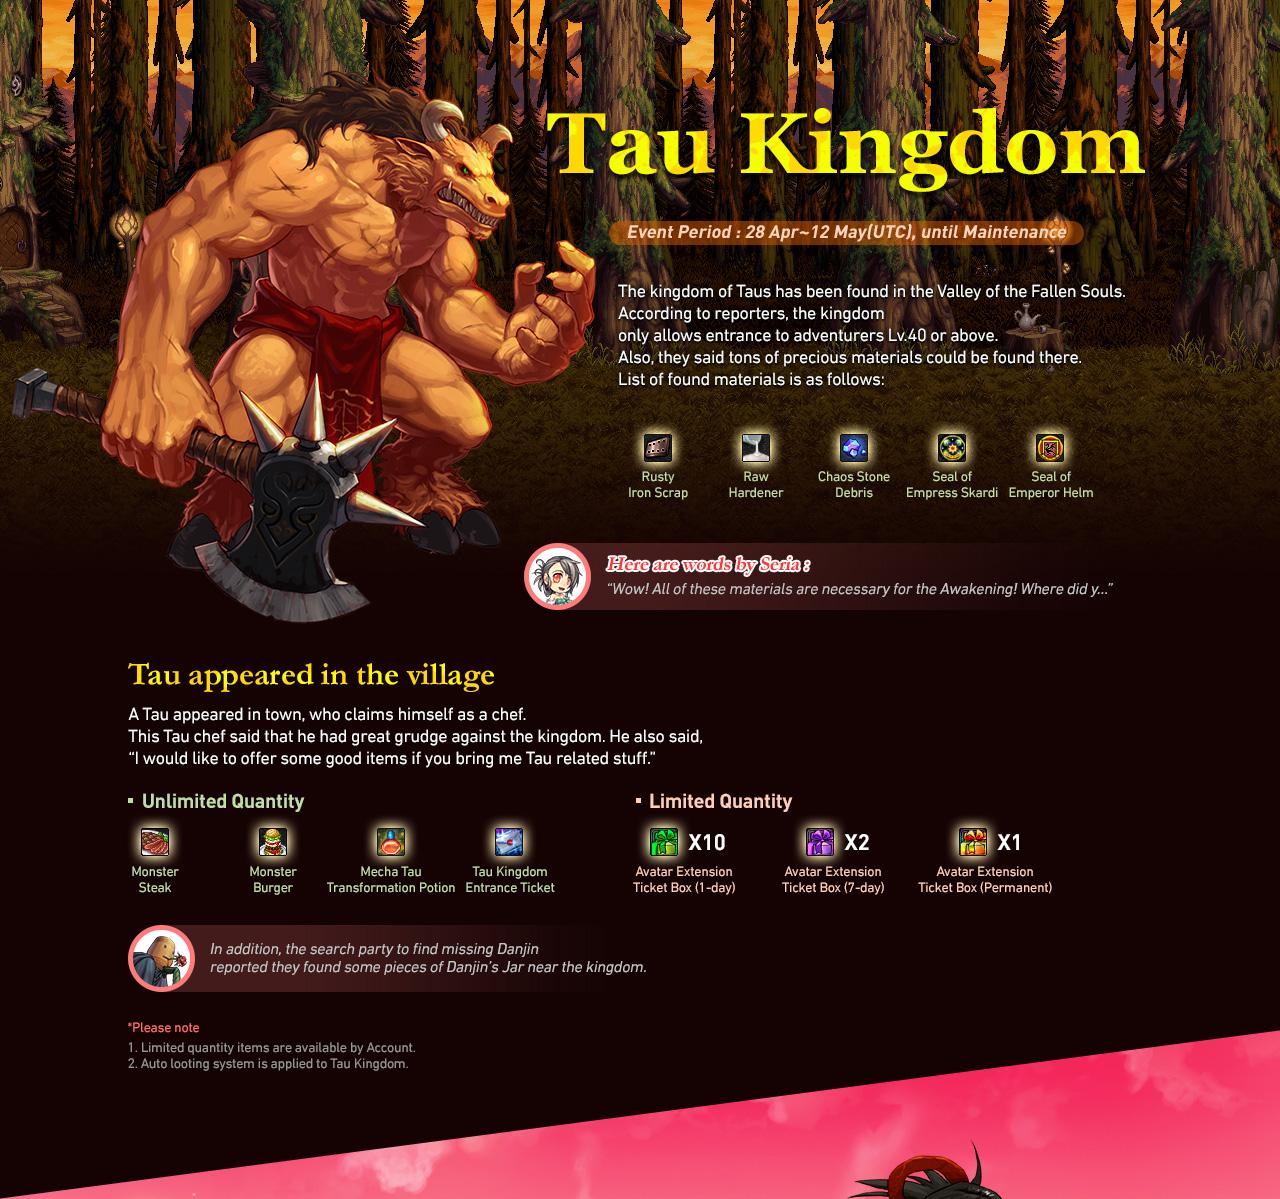 Tau Kingdom